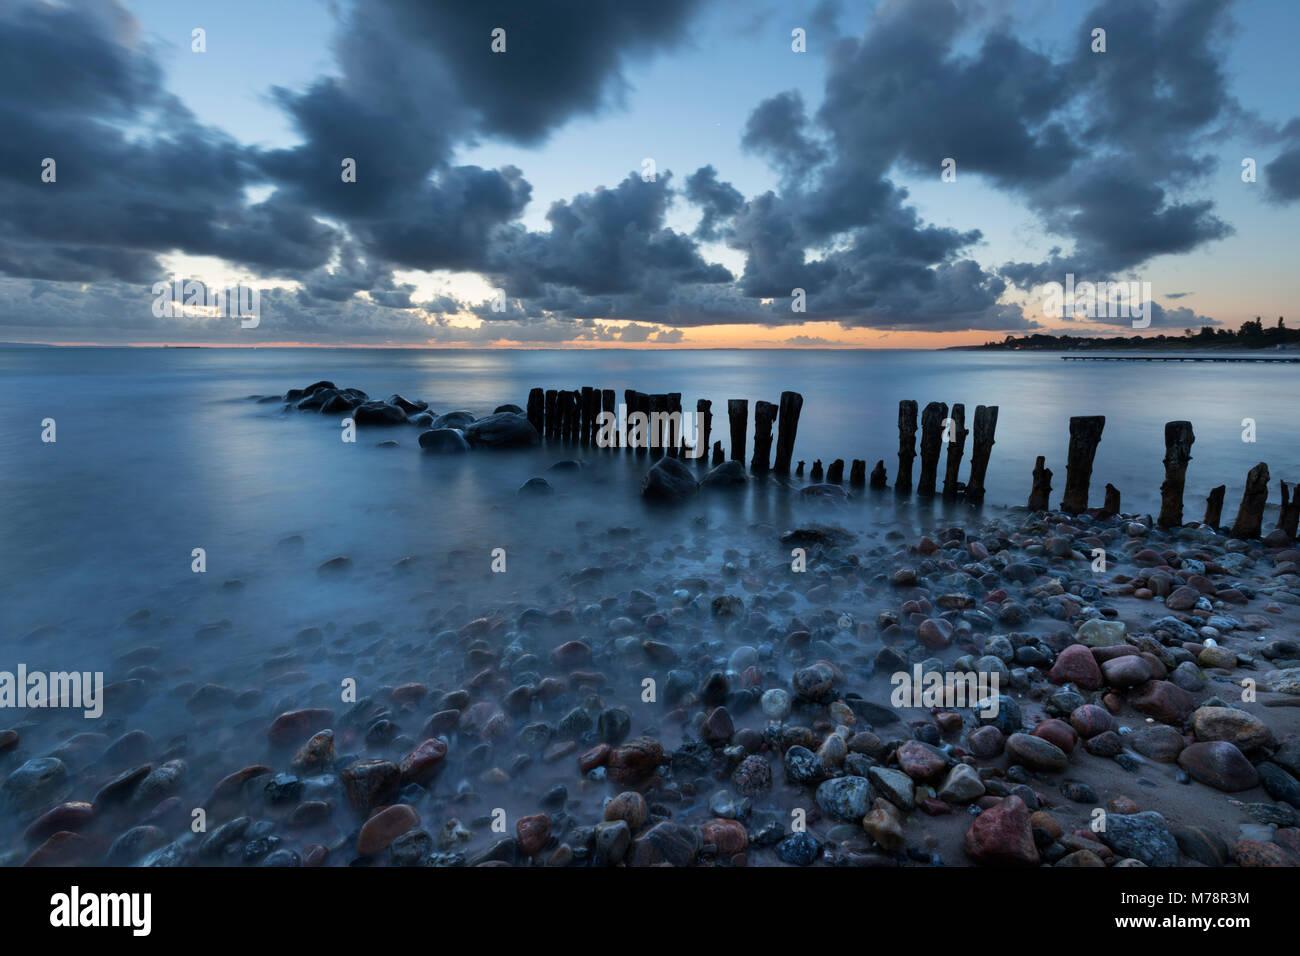 Alten hölzernen Pfähle aus auf das Meer und die Kieselsteine am Strand bei Sonnenaufgang, Munkerup, Kattegat Stockbild